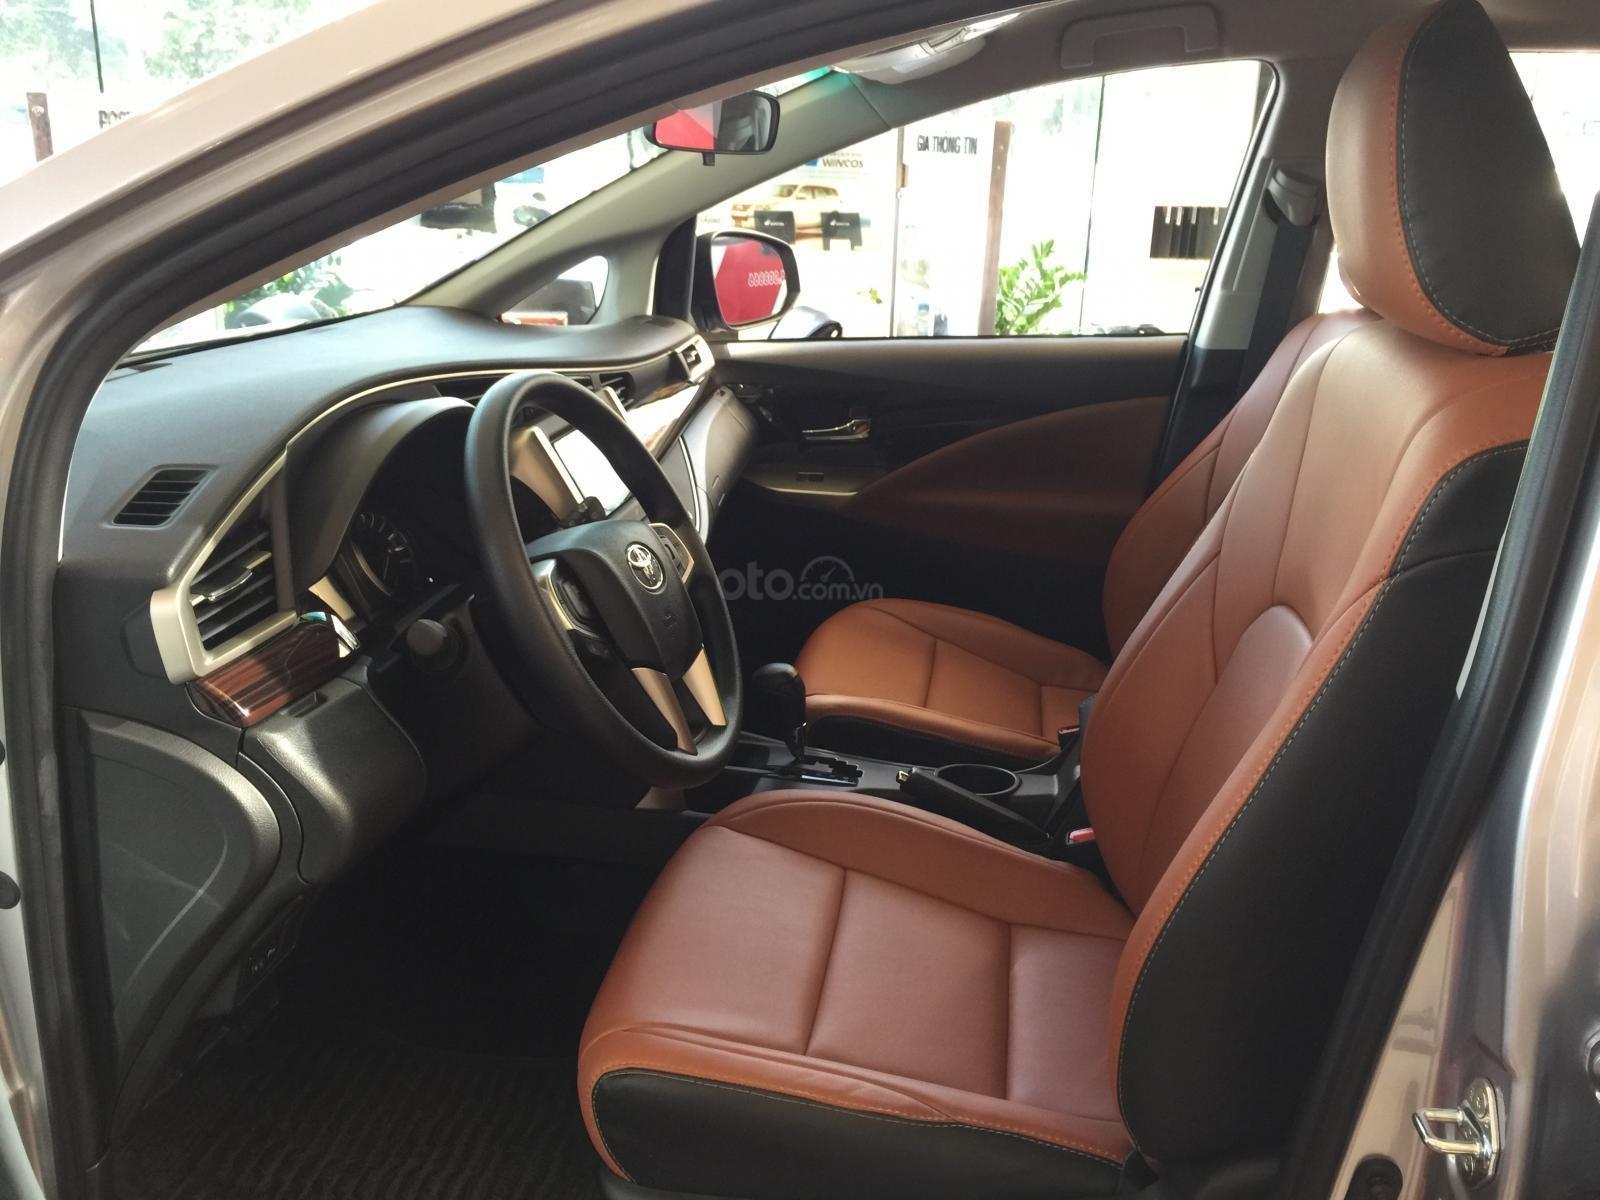 Toyota Tân Cảng bán Innova 2.0G AT 2020 mừng Tết Canh Tý bán giá cực kỳ hợp lý – xe đủ màu giao - LH 0901.92.33.99 (7)